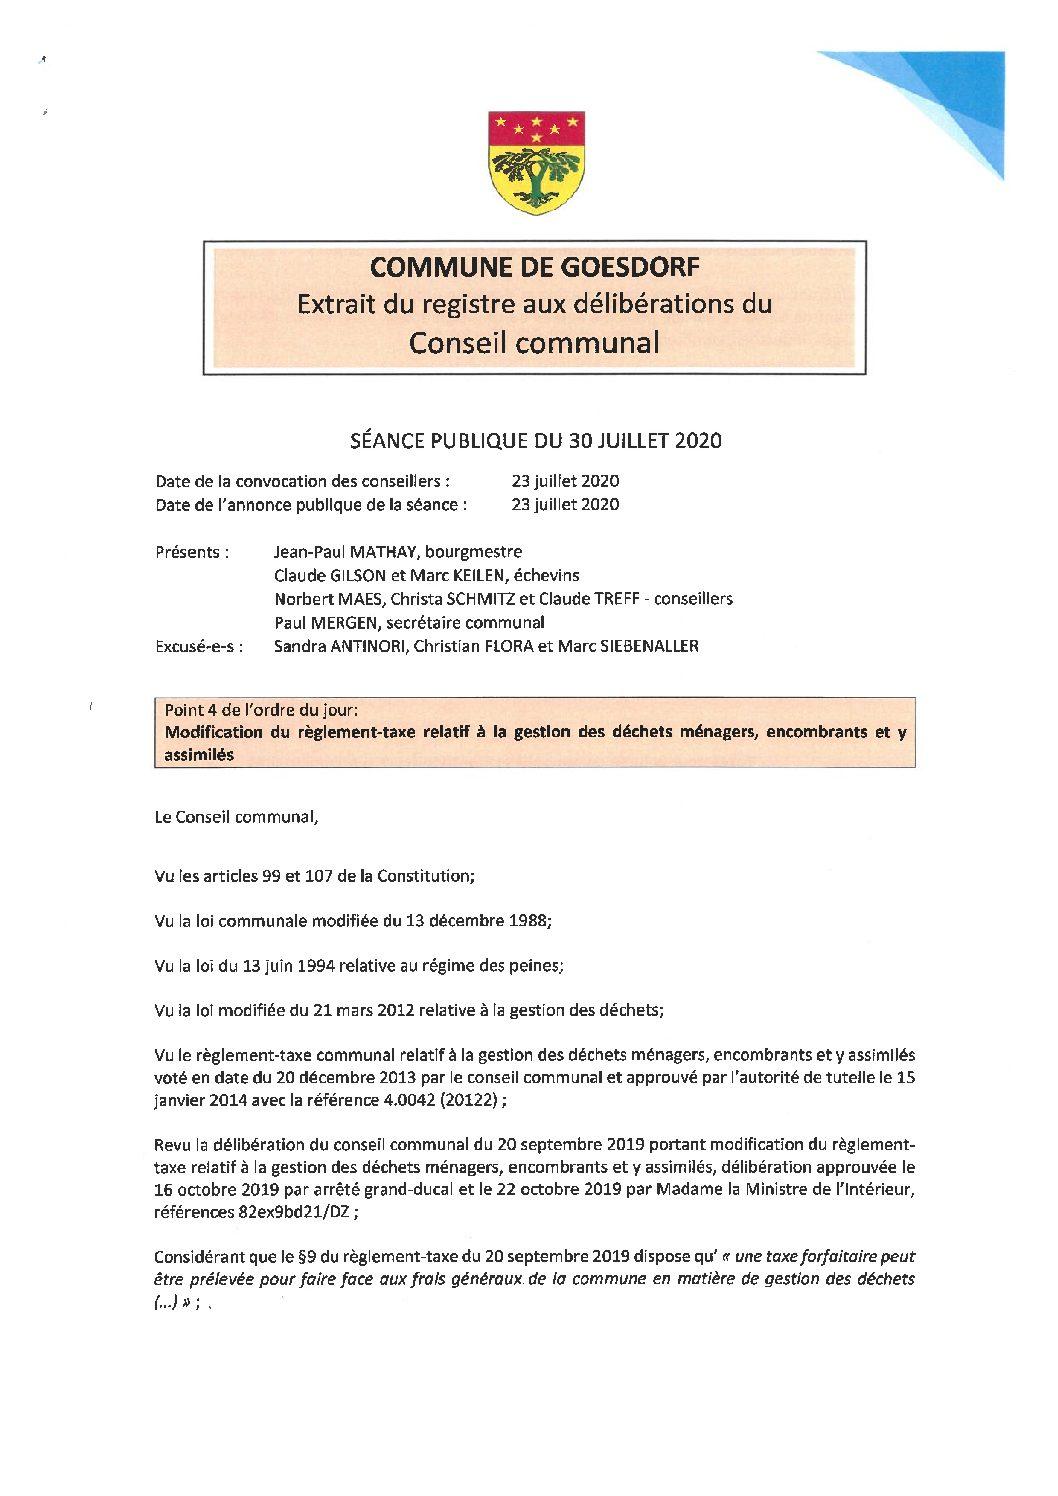 Règlement-taxe relatif à la gestion des déchets ménager, encombrants et y assimilés_30.07.2020